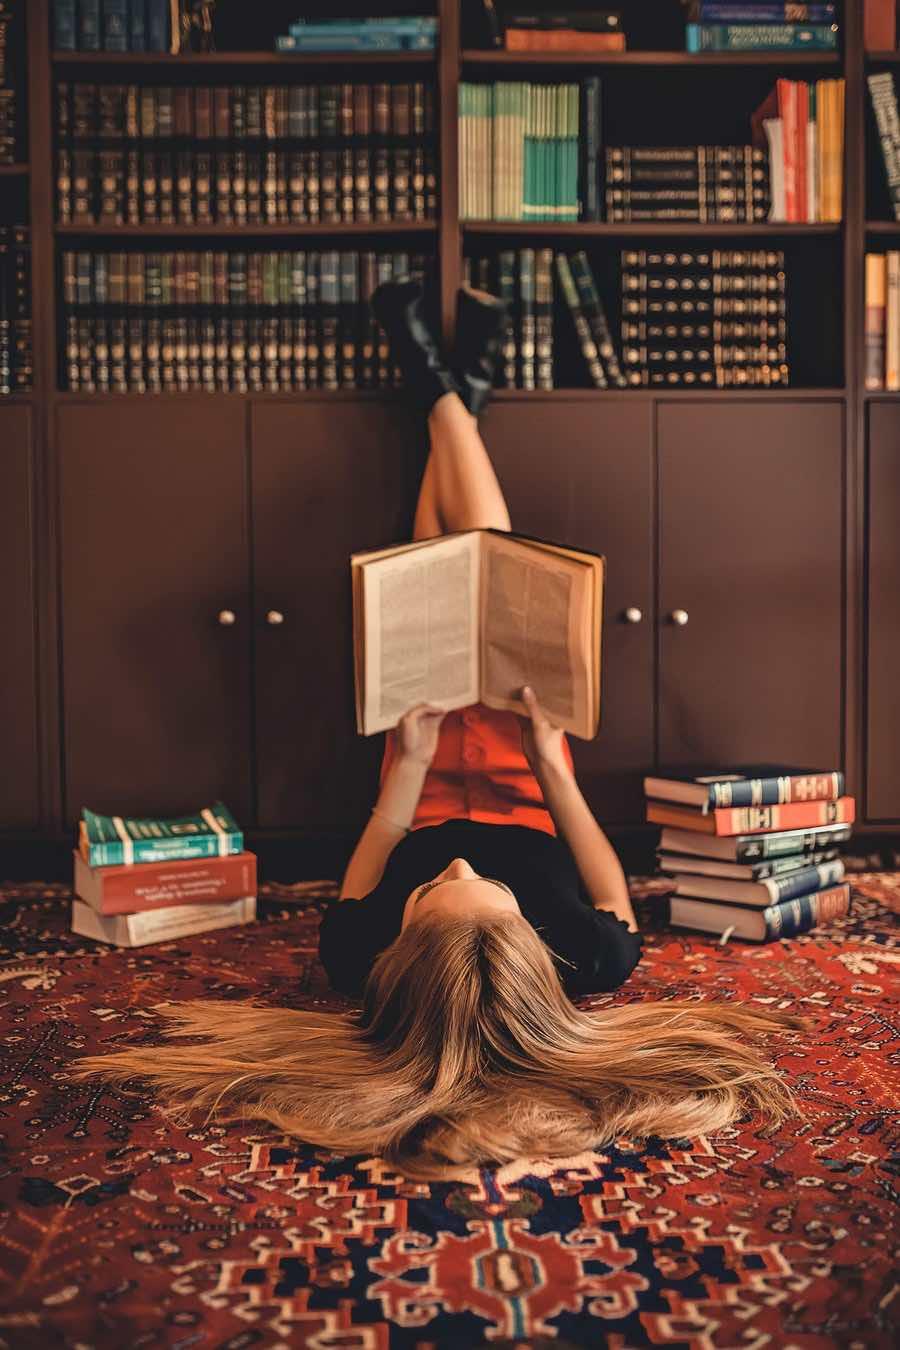 Aprender cosas de memoria tiene muchas ventajas a cualquier edad. Es excelente para ejercitar la mente. Te explicamos por qué.